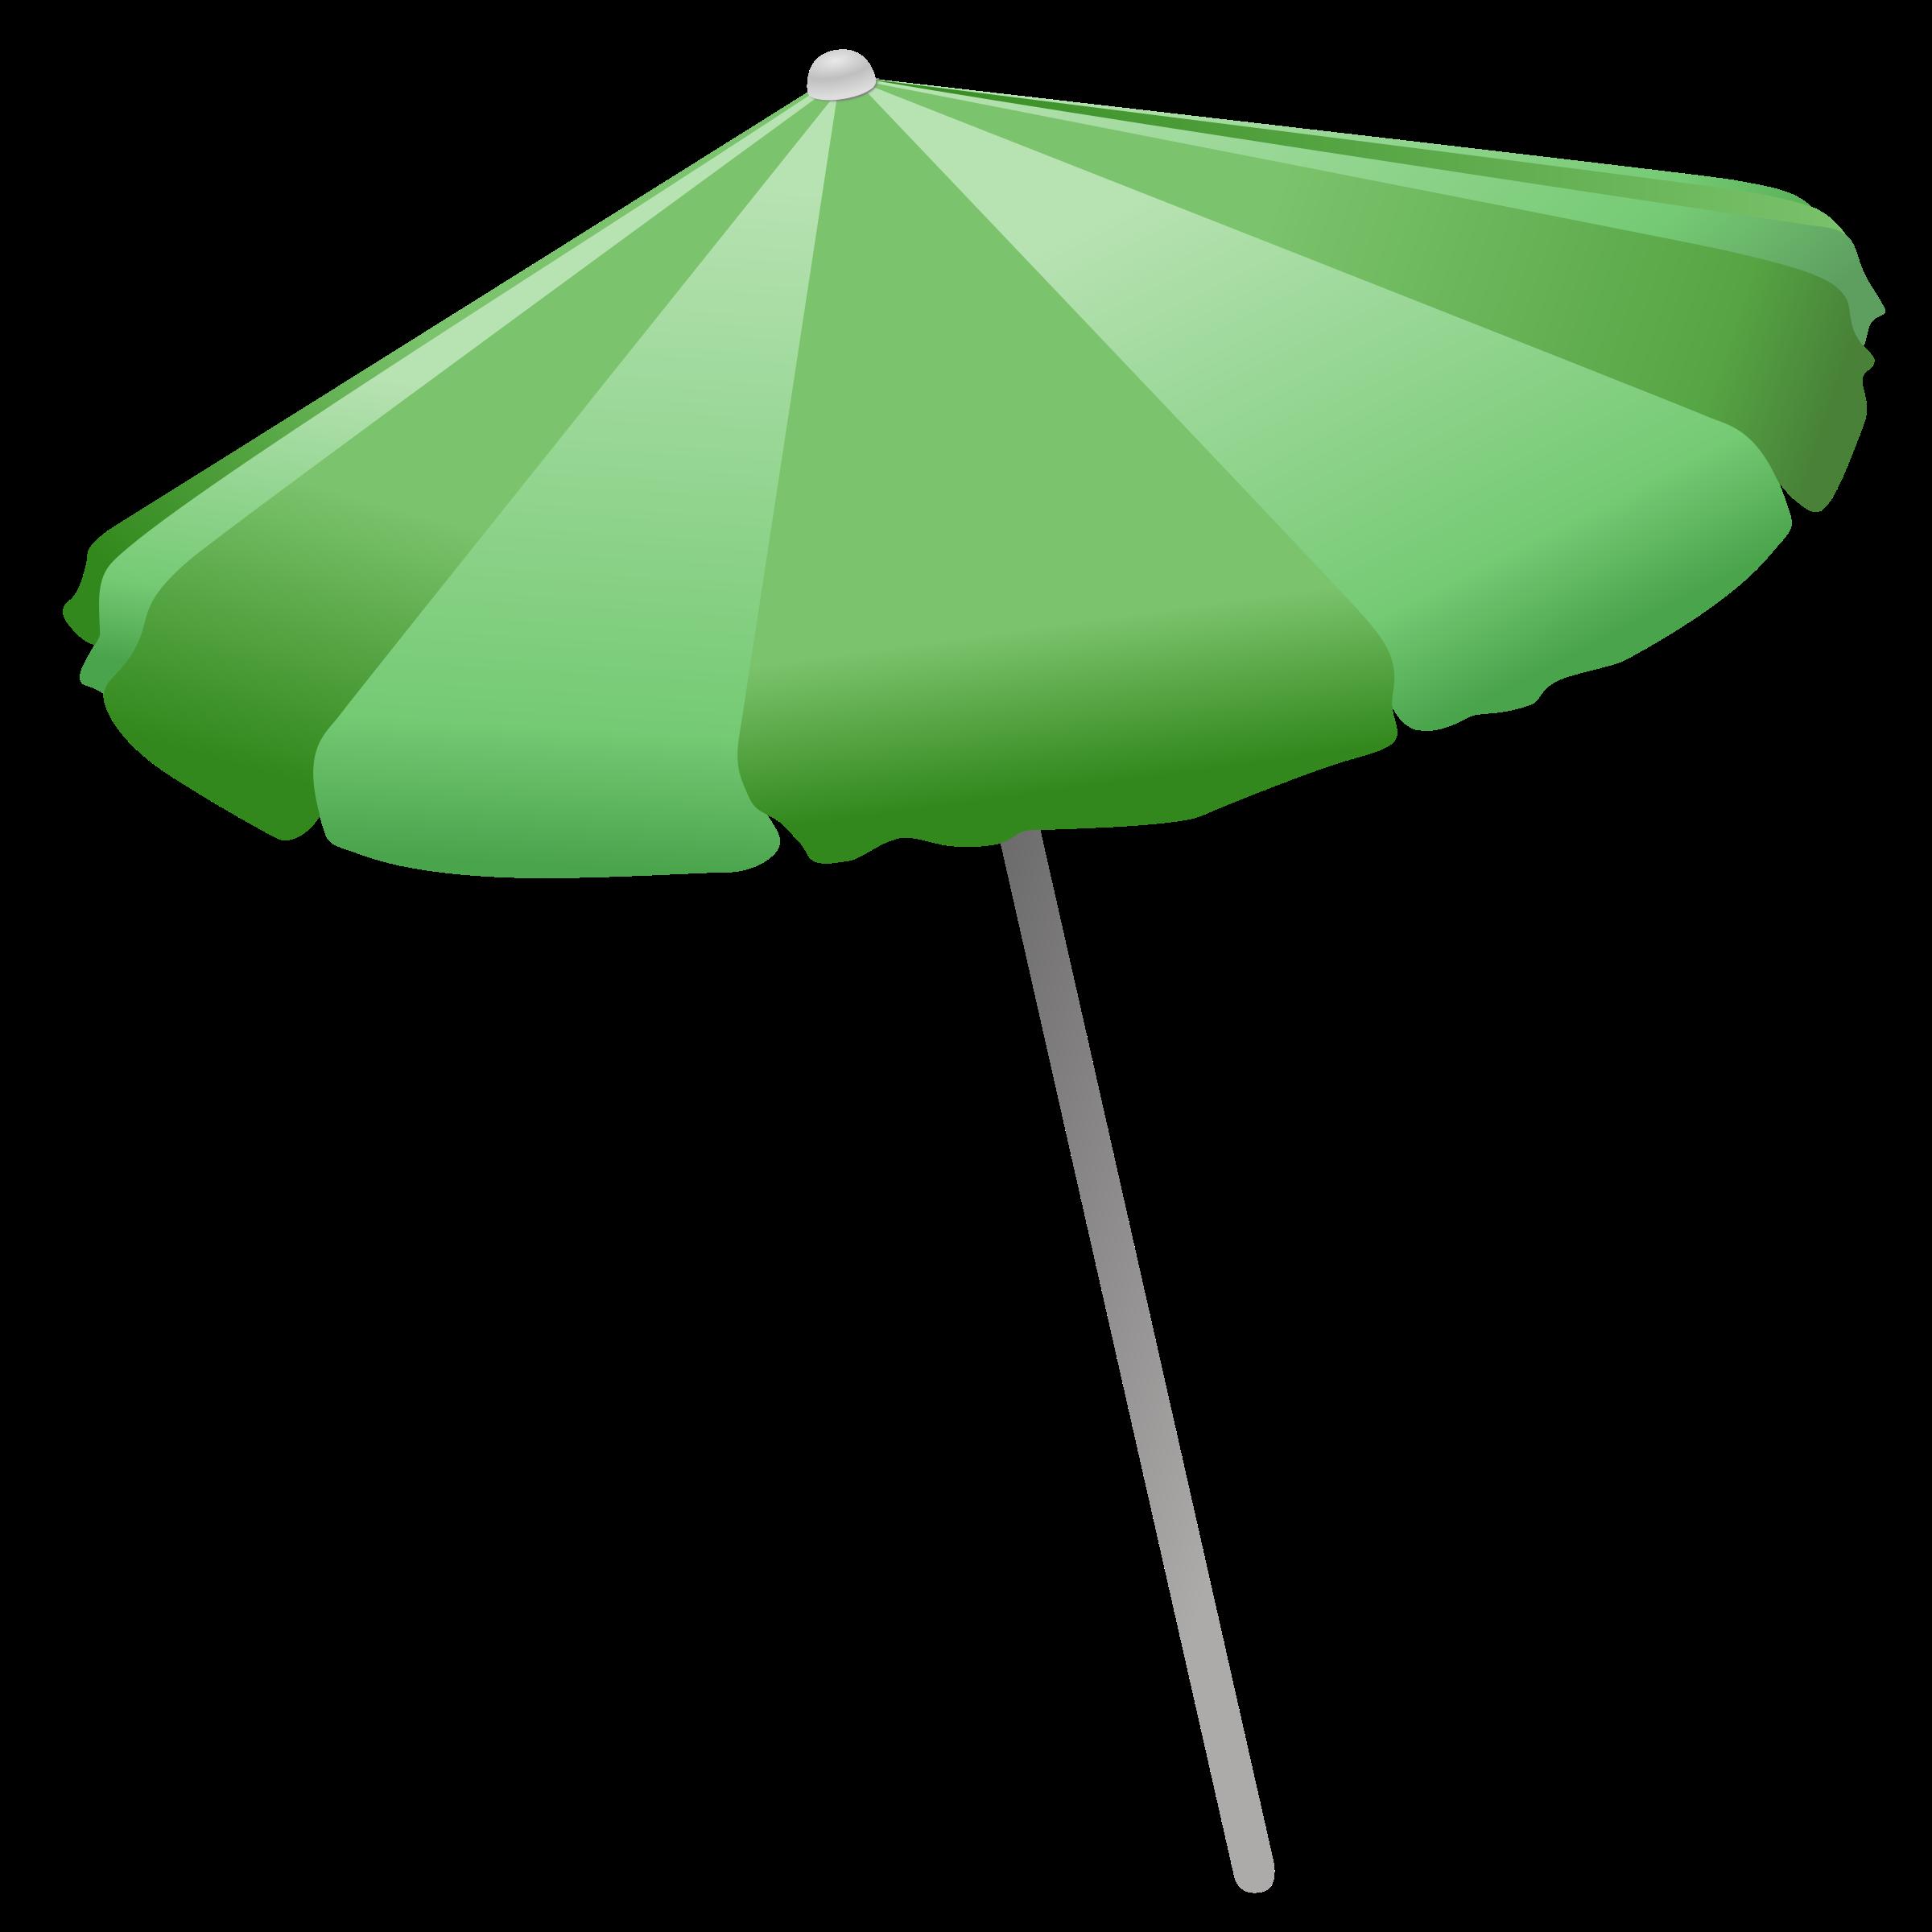 Beach umbrella with sun clipart vector library stock Clipart - Beach Umbrella vector library stock